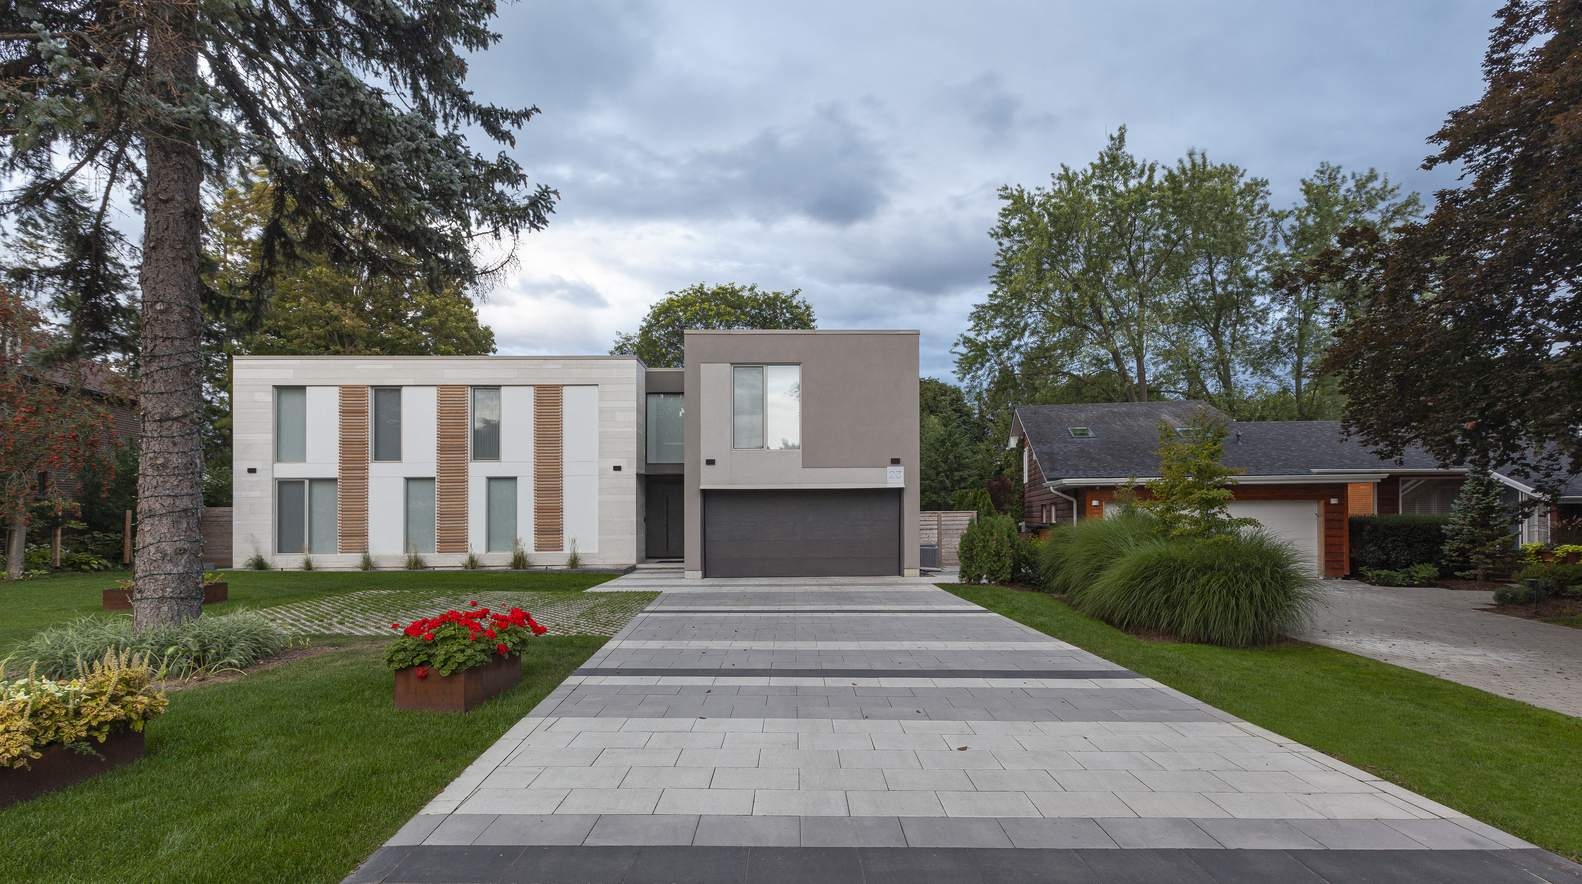 Семейный дом с четкой организацией пространства, Канада